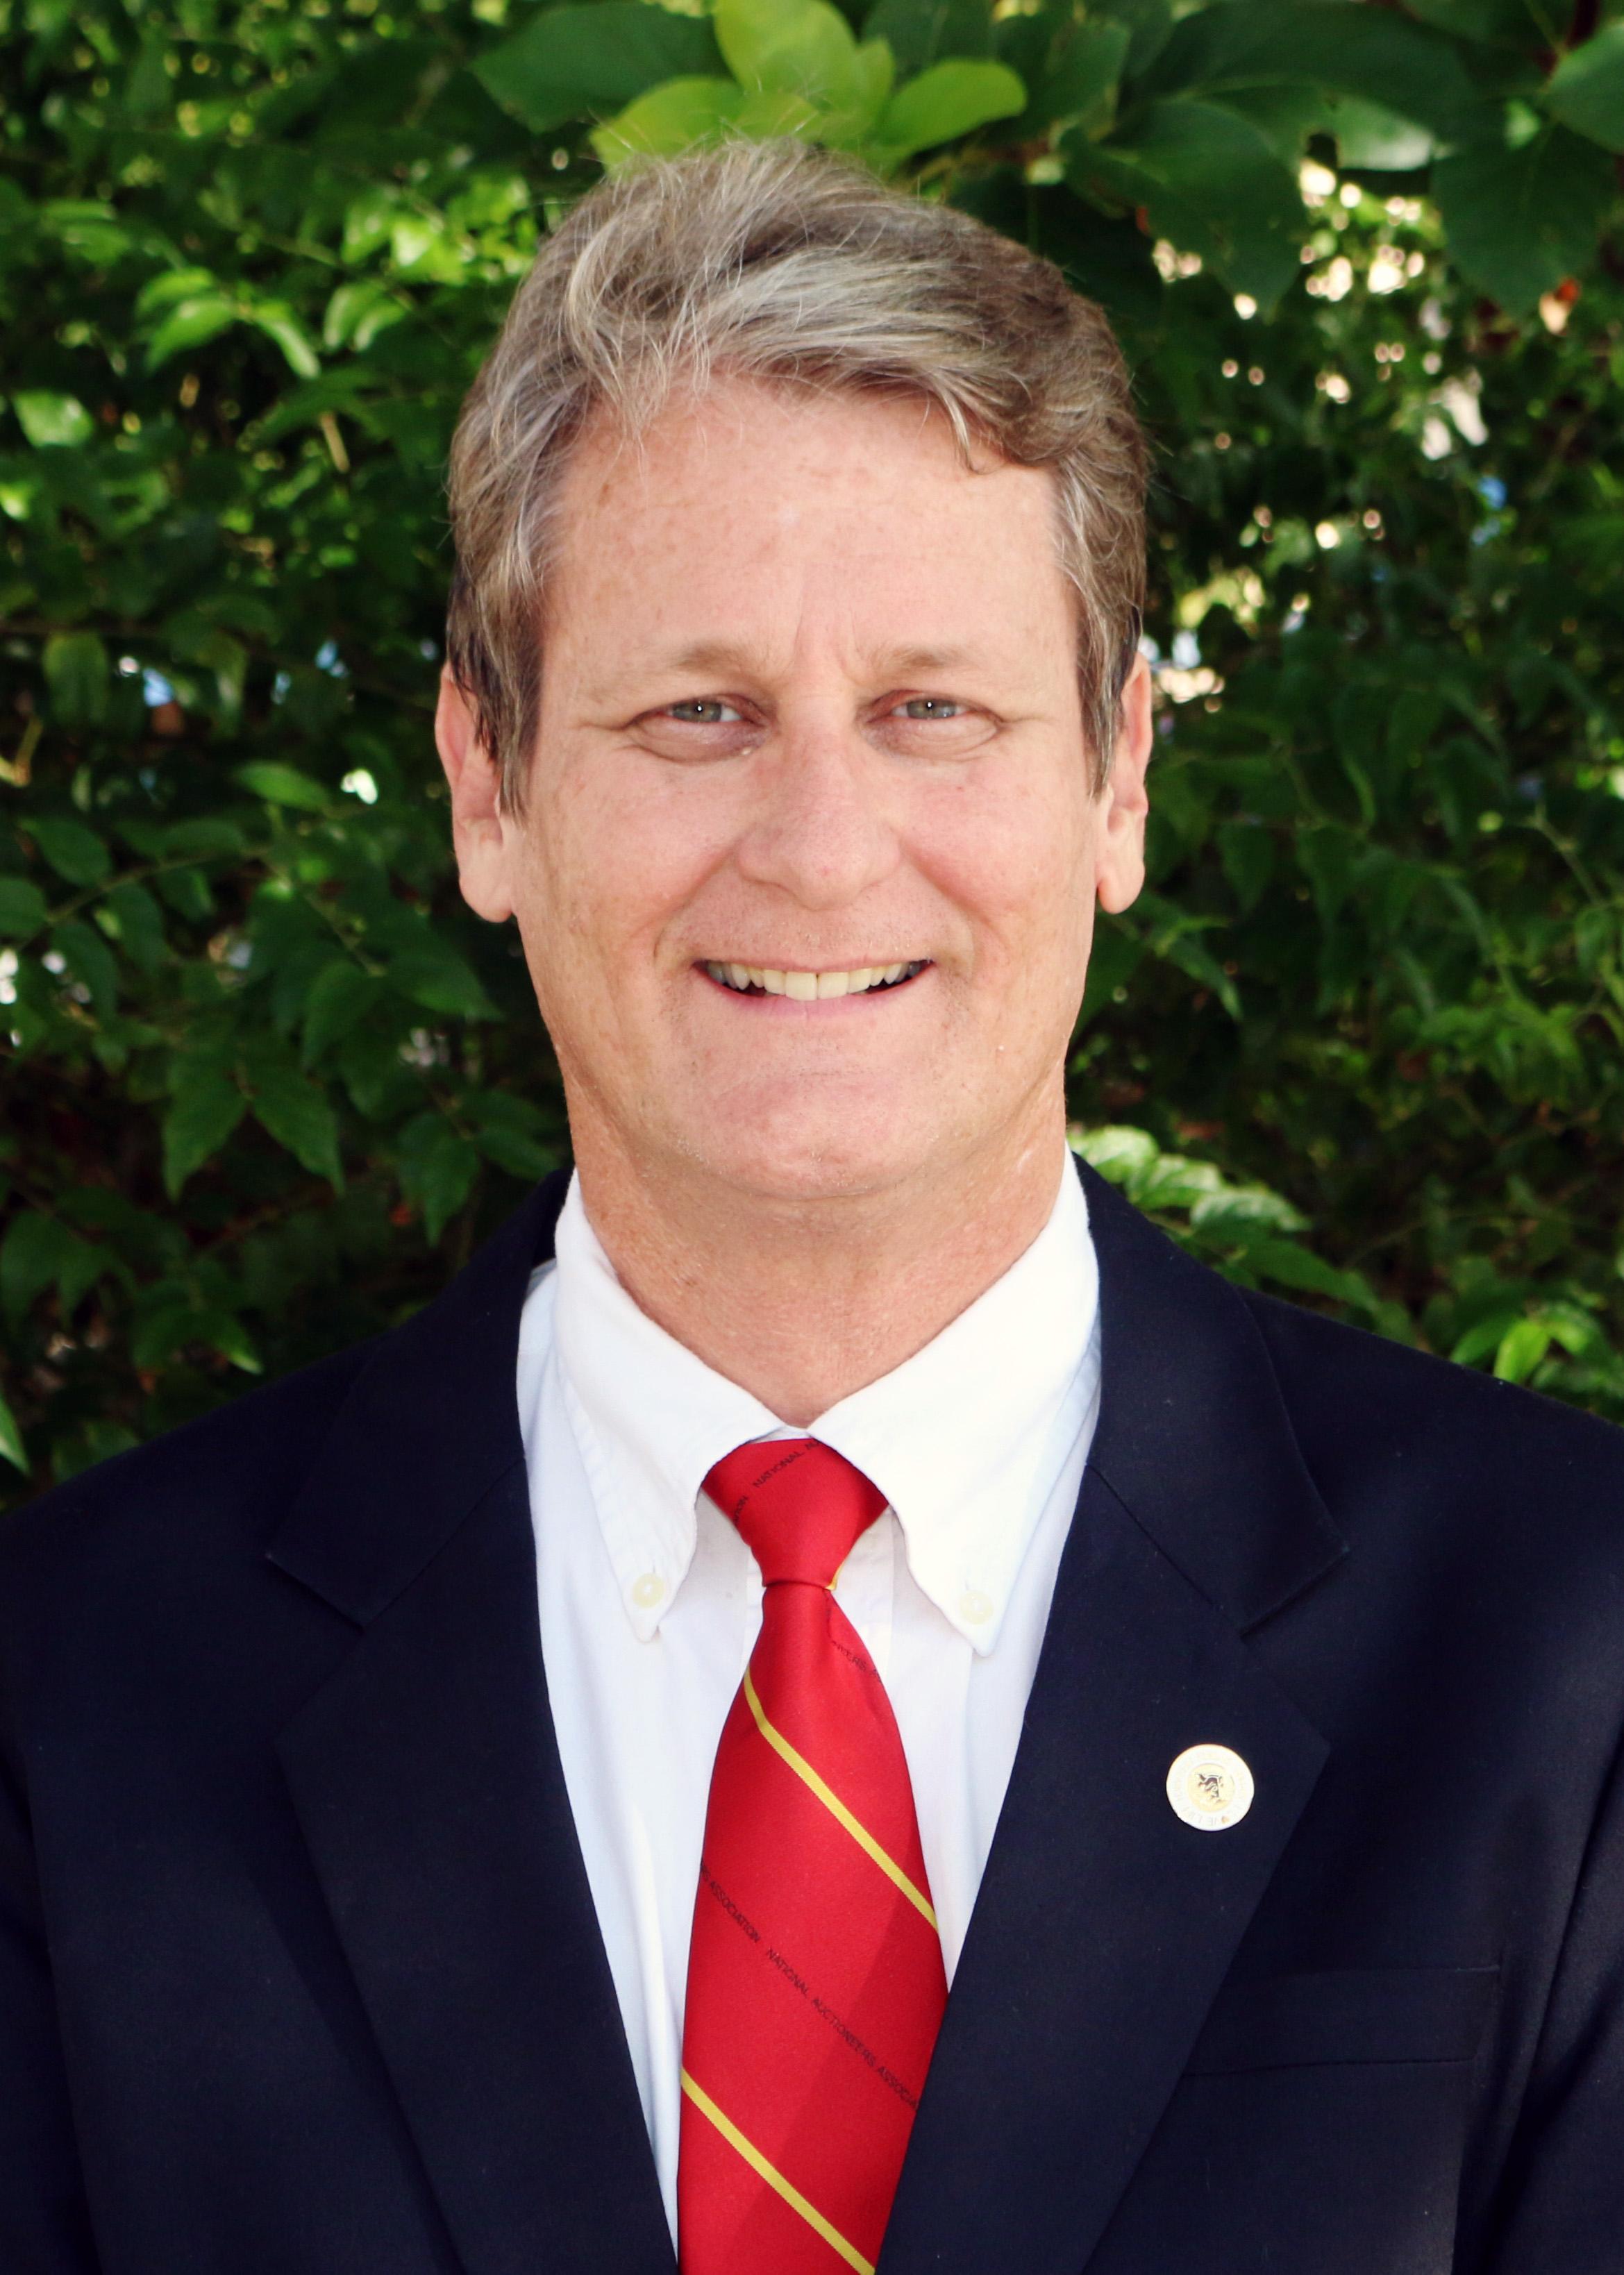 Neal Vanderee